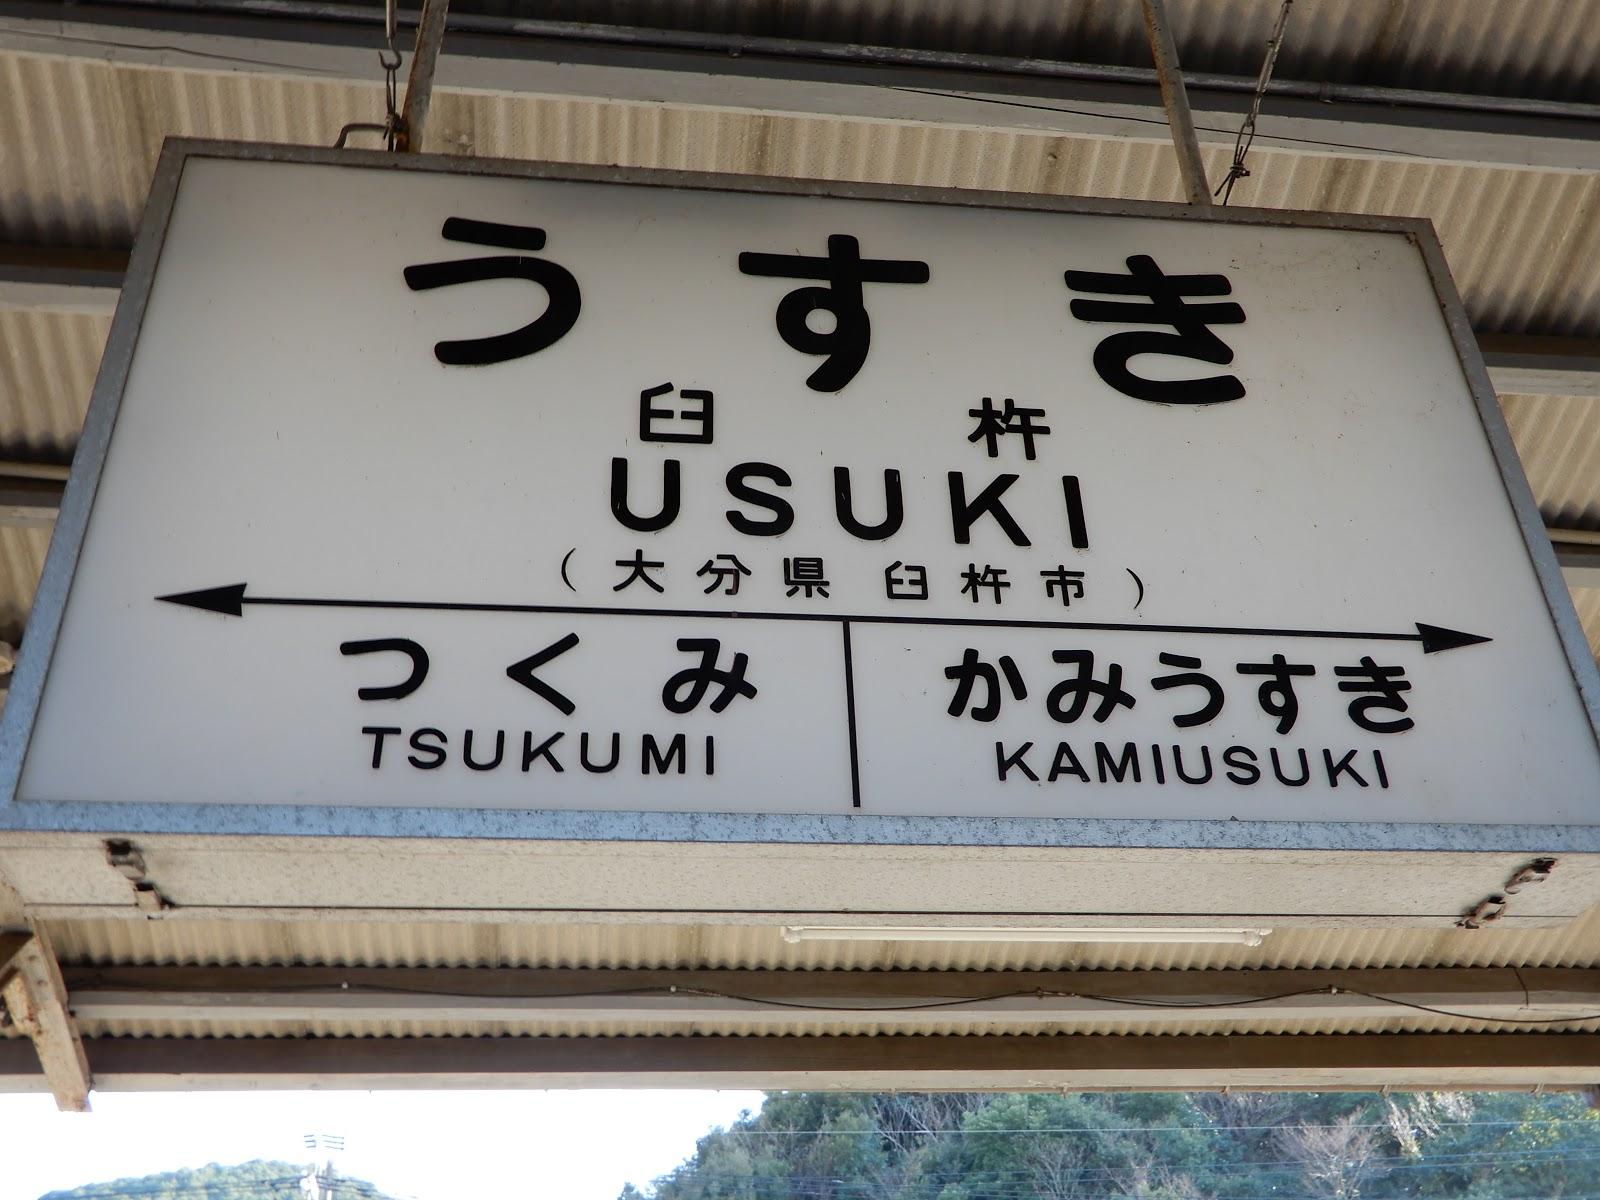 単行列車の枕木に揺られて  Original text